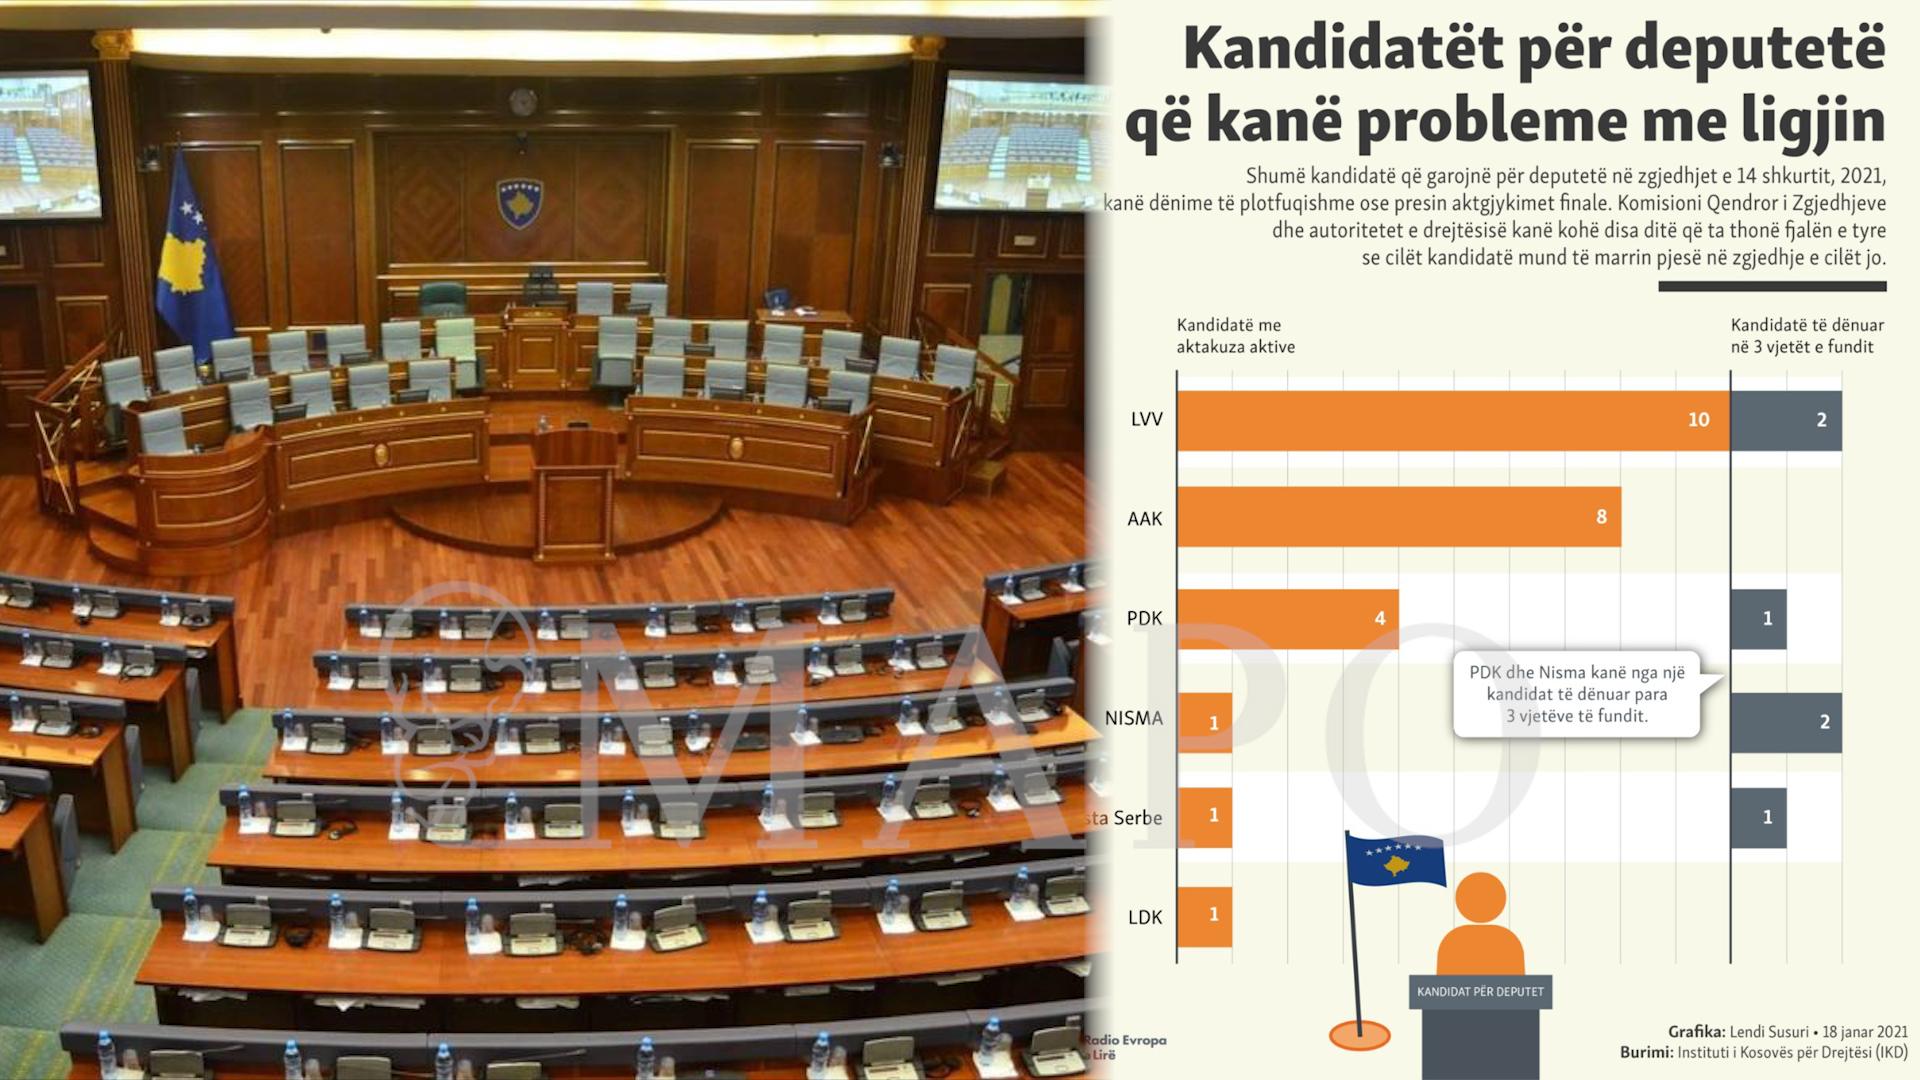 zgjedhjet-ne-kosove-grafika-e-kandidateve-qe-kane-probleme-me-ligjin